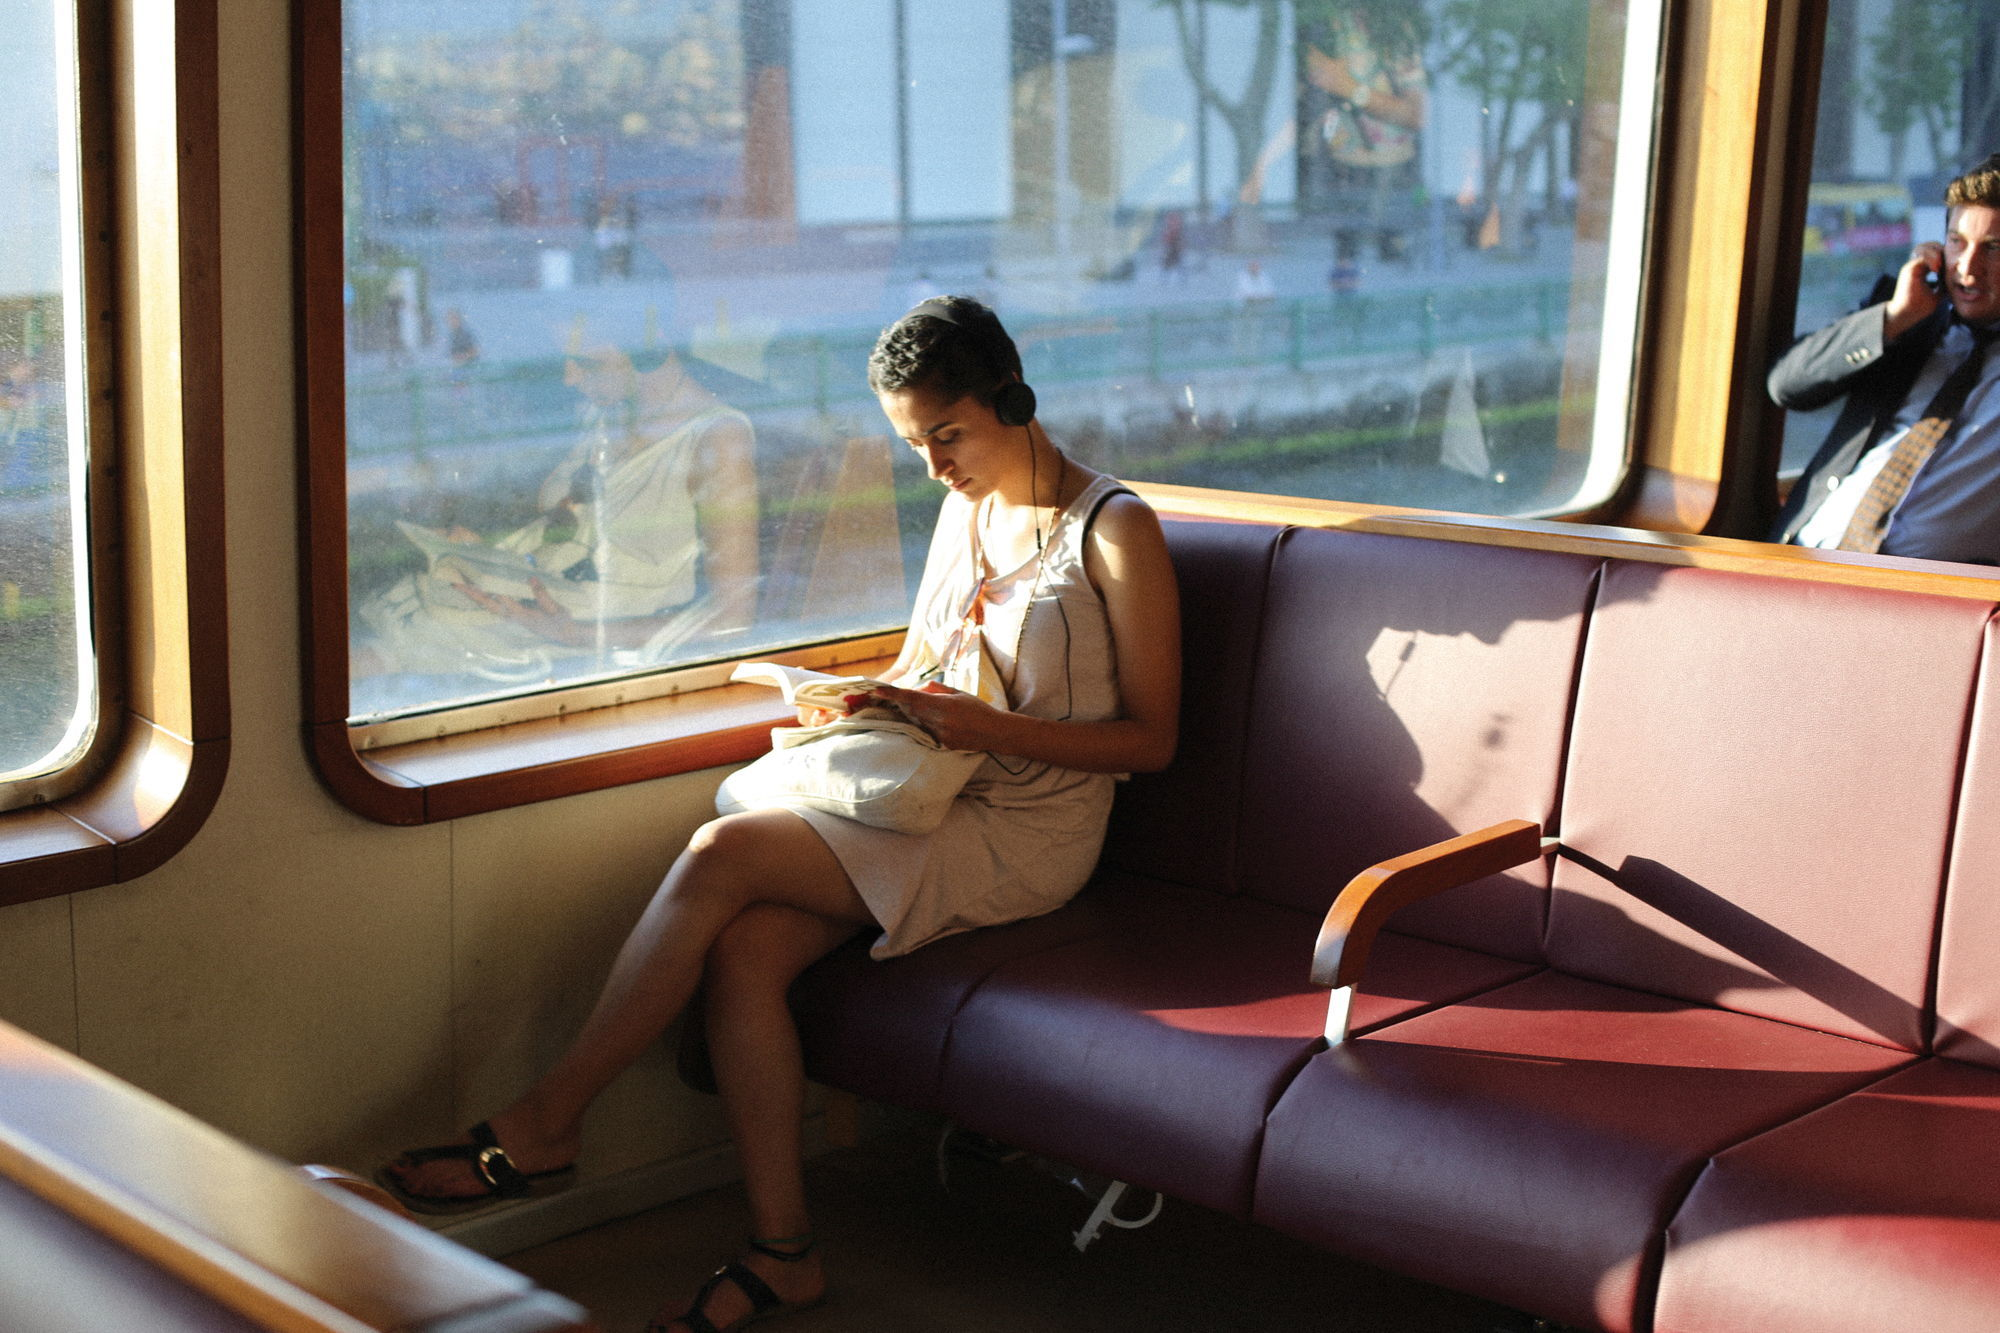 Ne okuyorsun İstanbul?